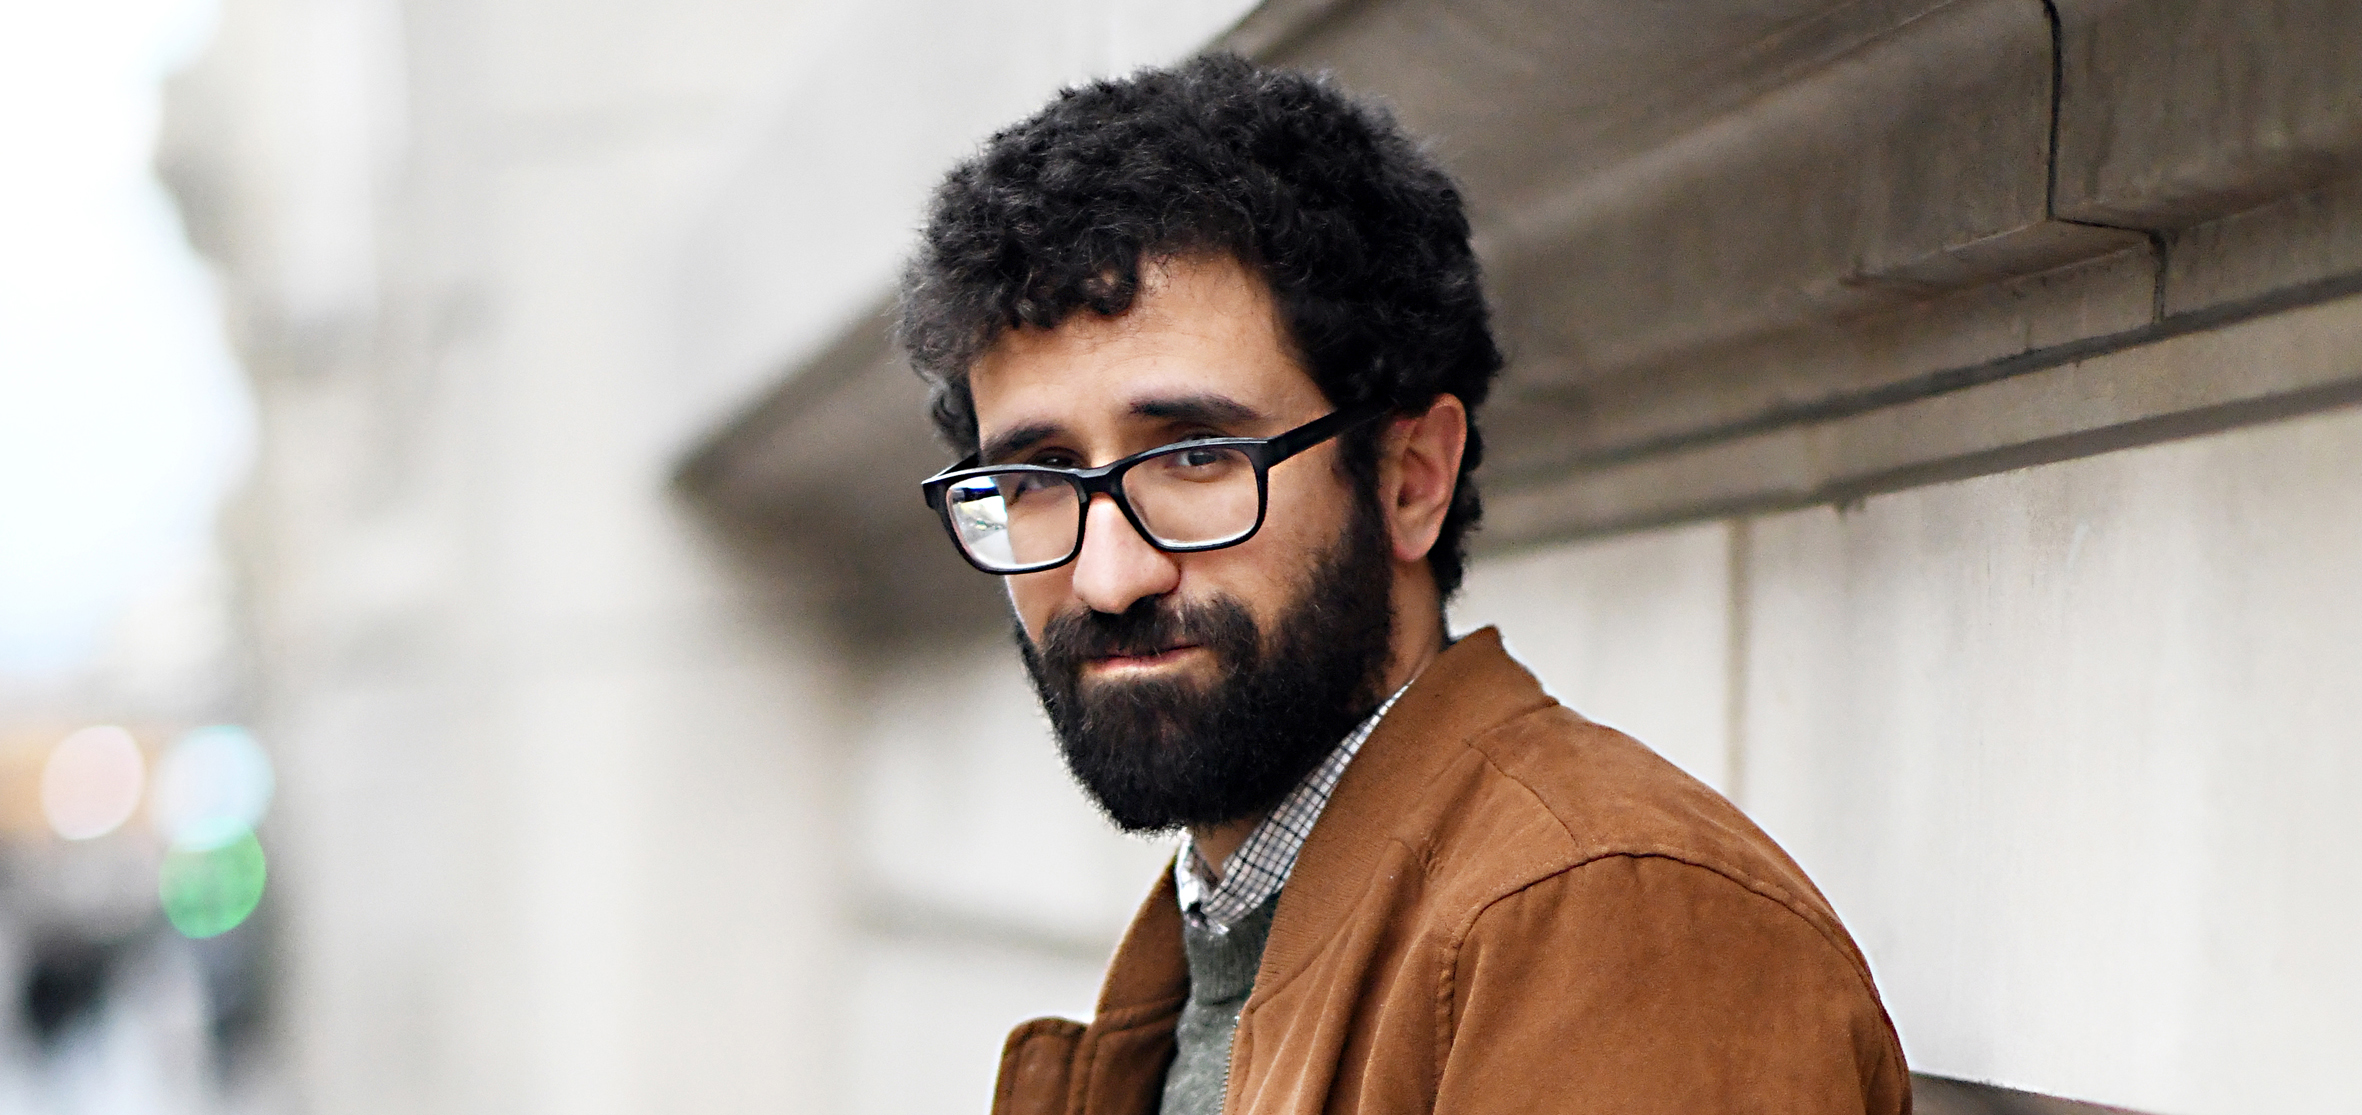 Sabri Louatah: Romanaissance